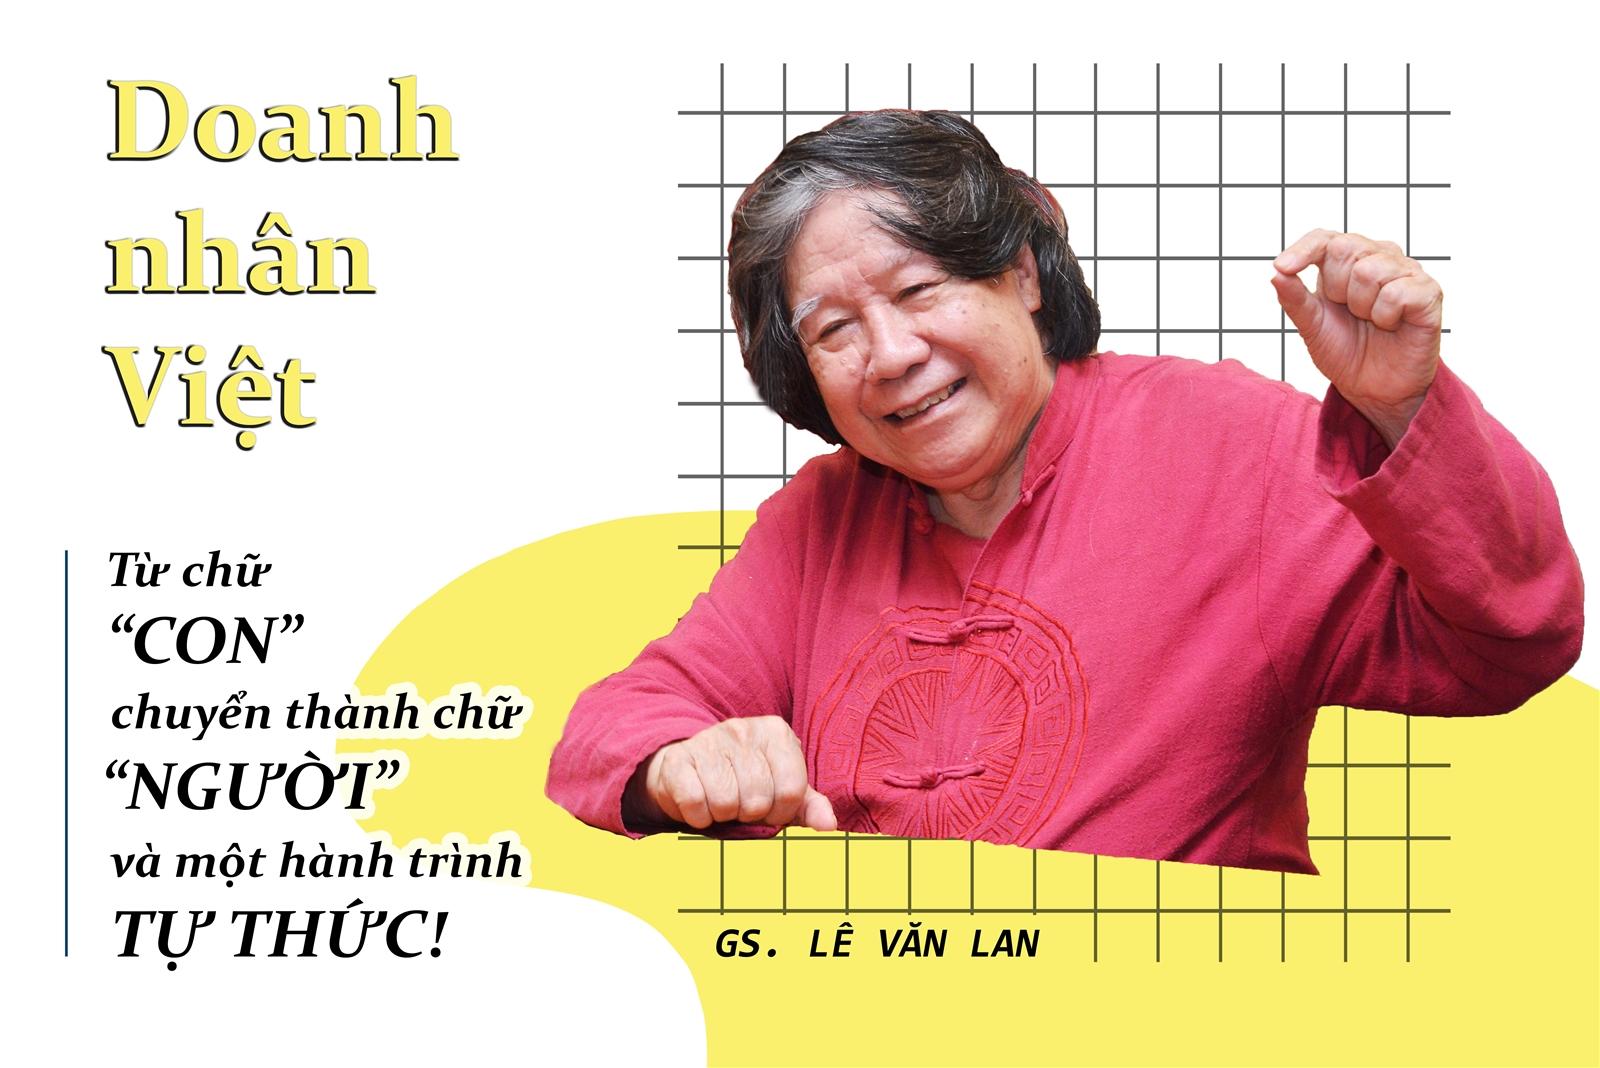 """Doanh nhân Việt: Từ chữ """"con""""  chuyển thành chữ """"người"""" - một hành trình tự thức"""